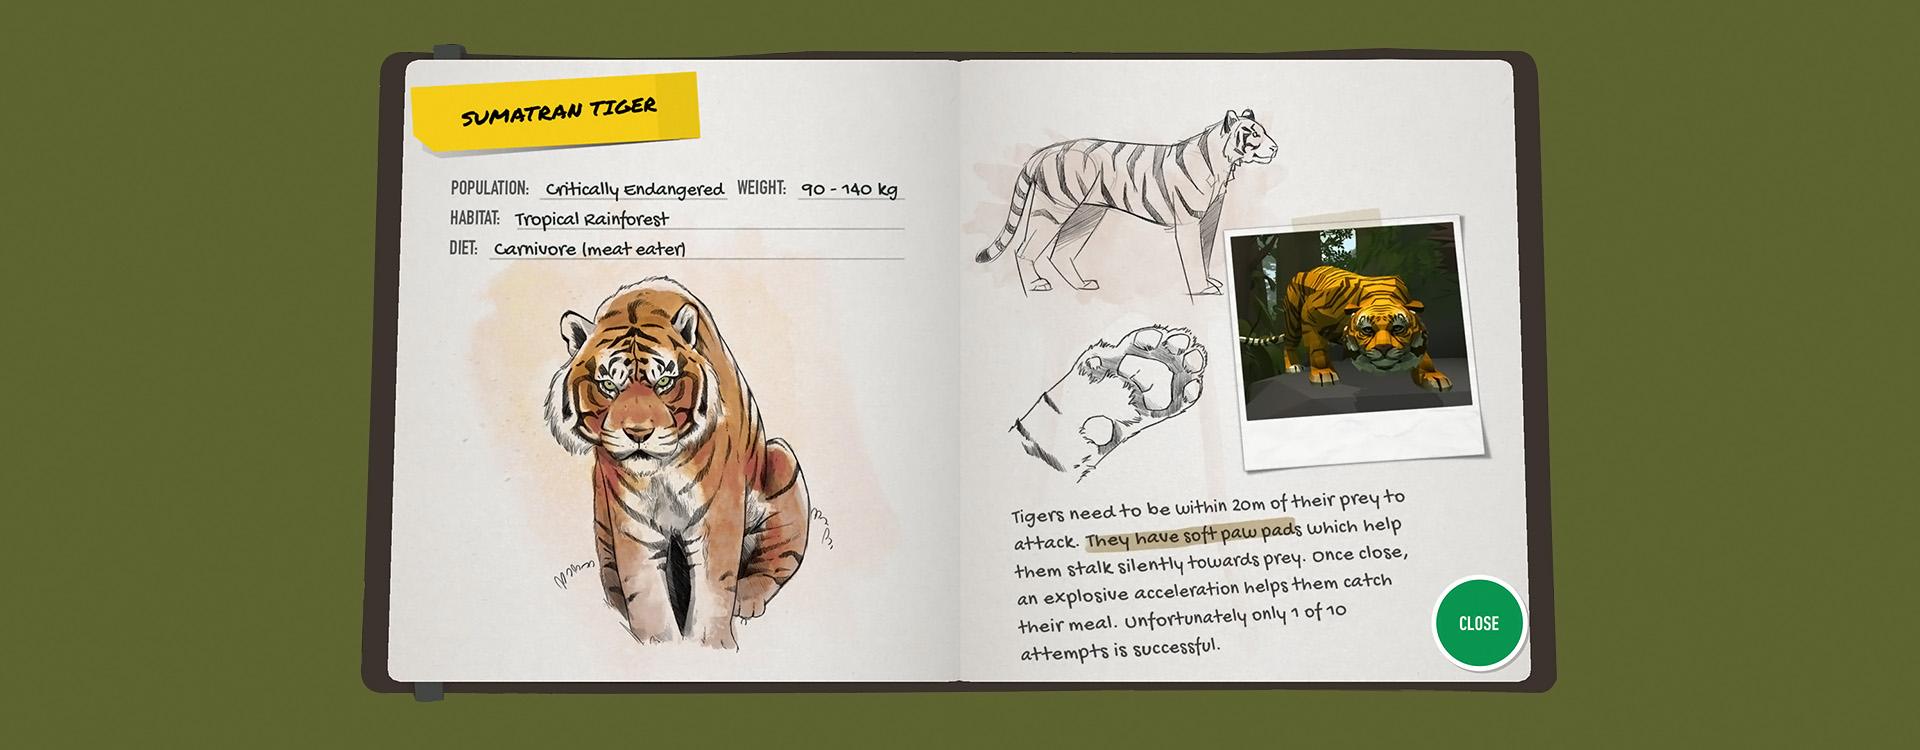 Robert Berrier - WWF - Into the wild 09